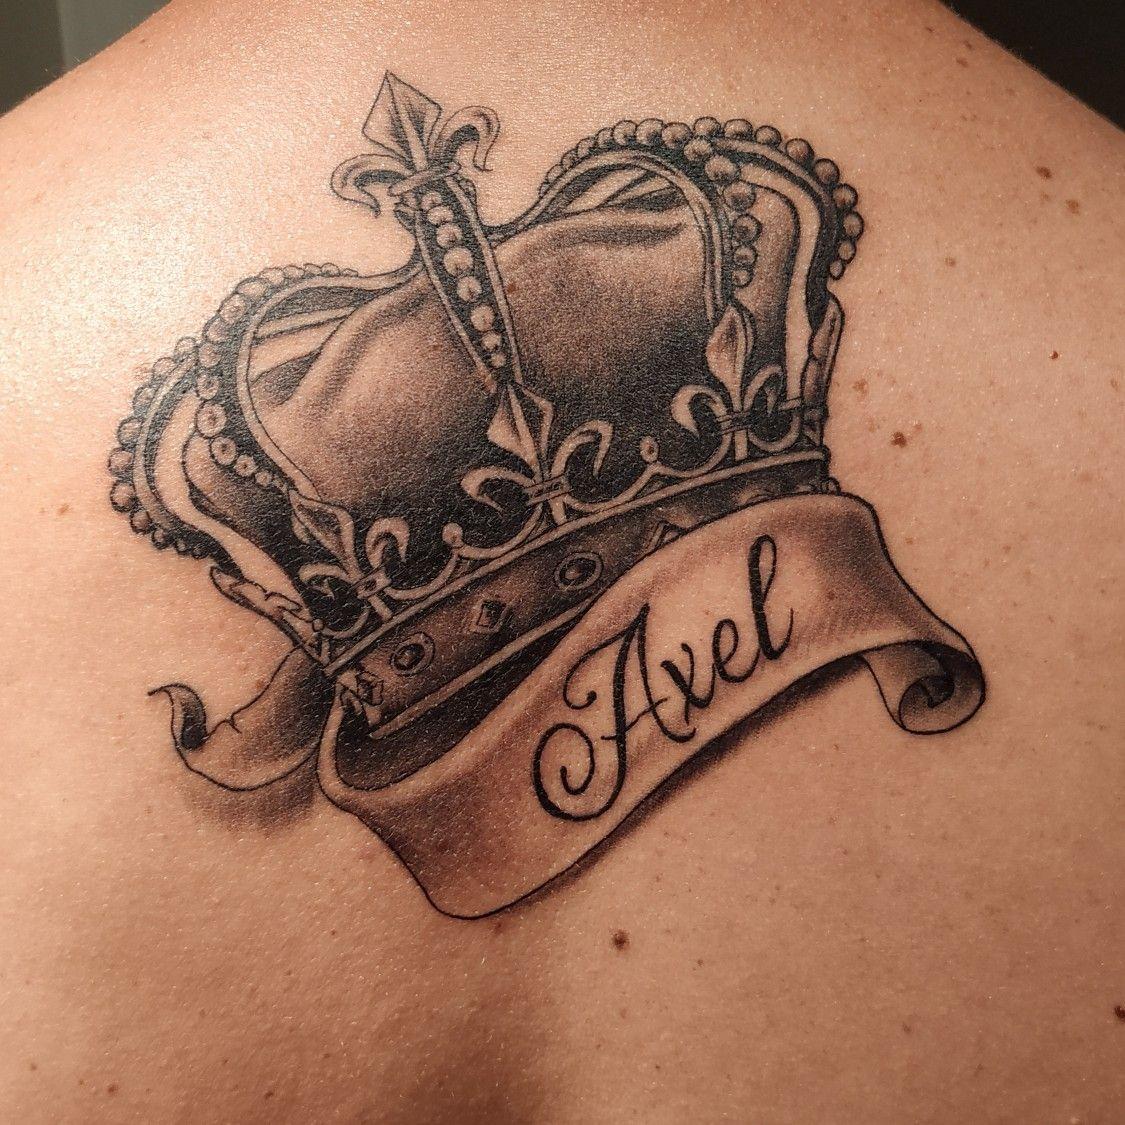 Corona Axel Tatoo De Coronas Tatuajes De Nombres Tatuaje De Corona Para Hombres